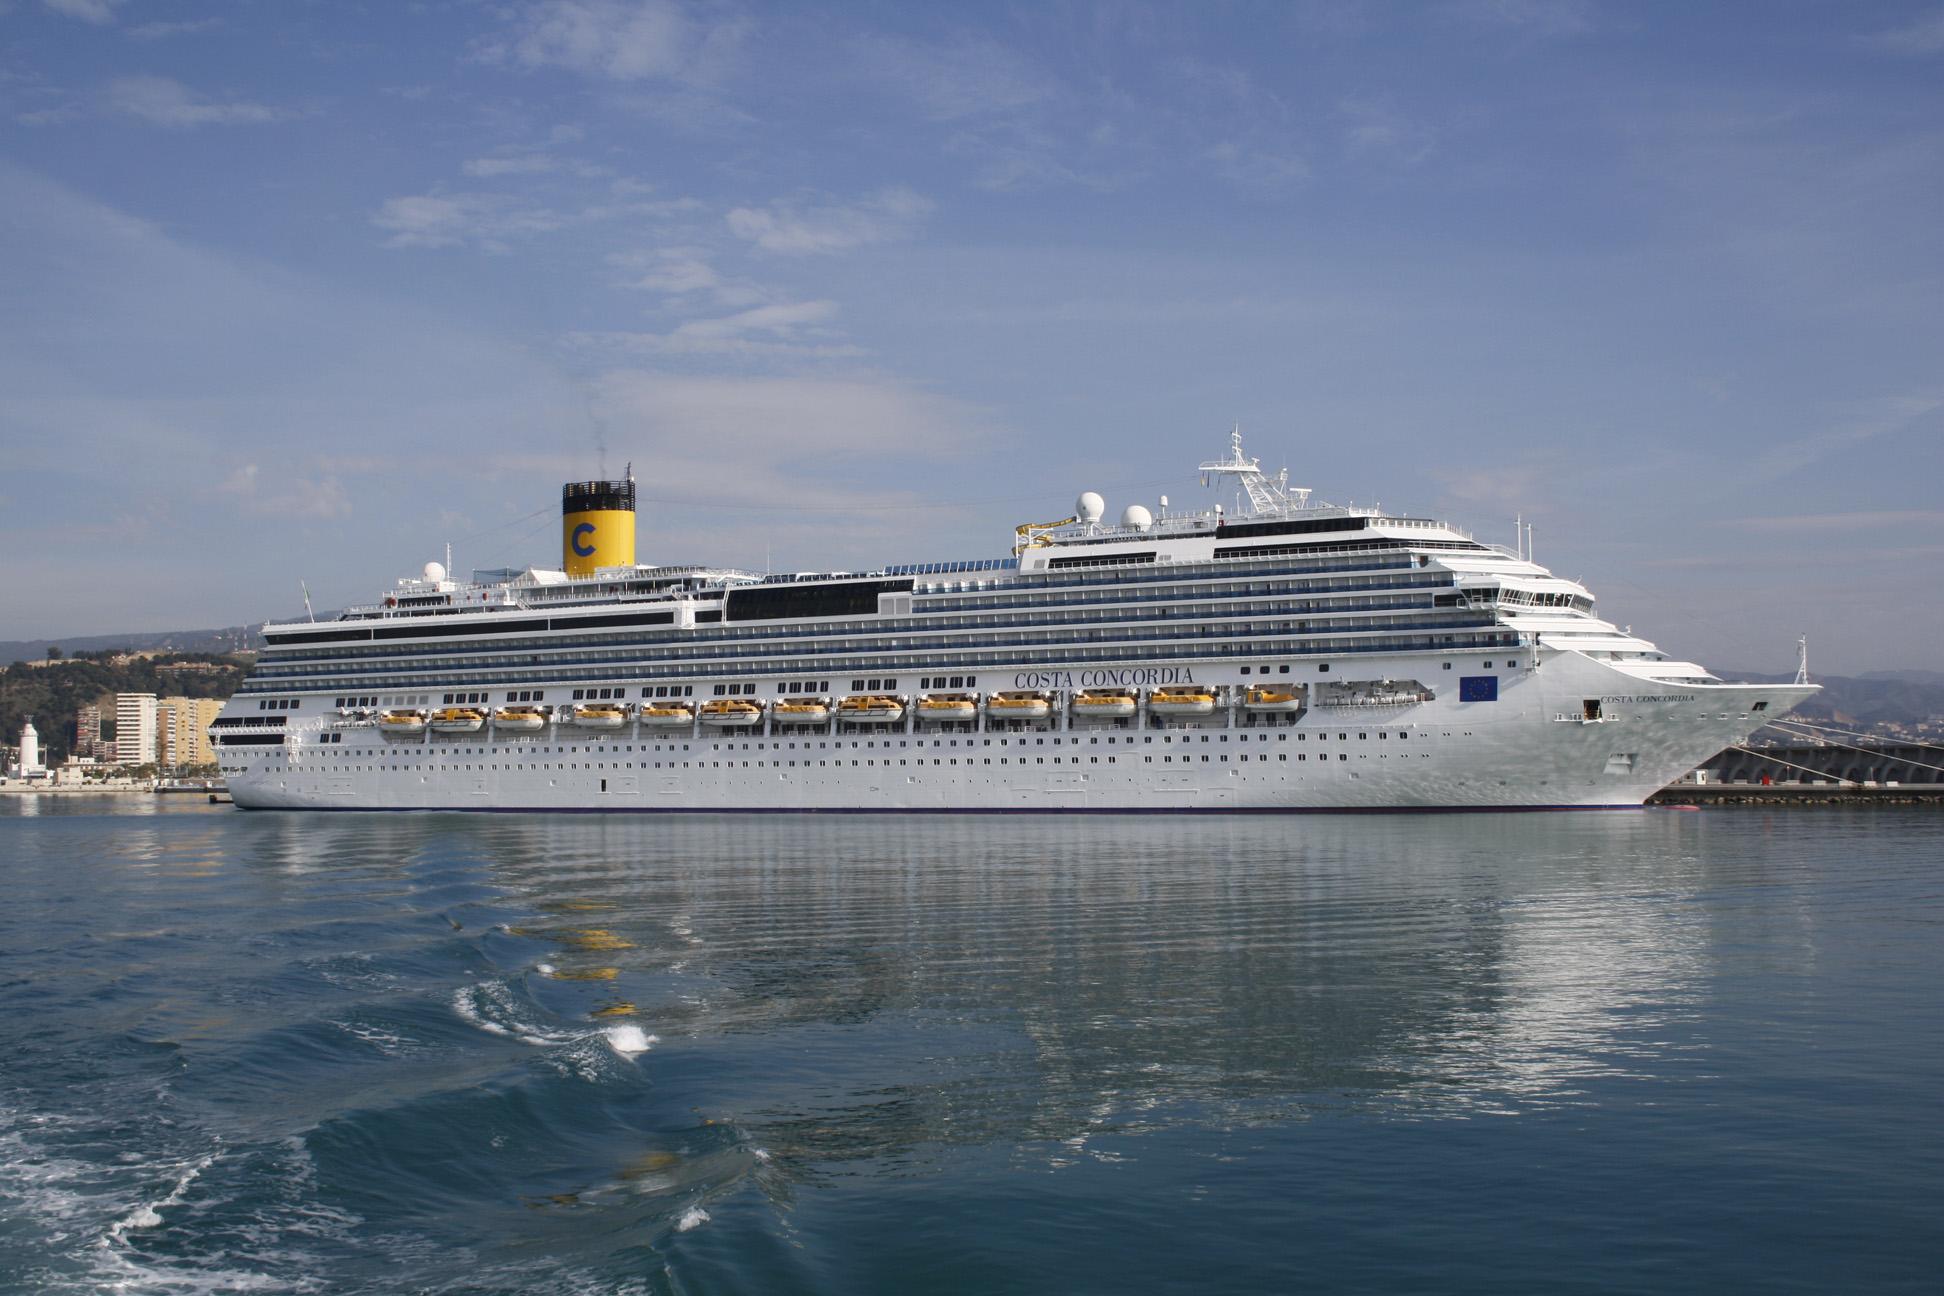 La mar de historias » hotel flotante